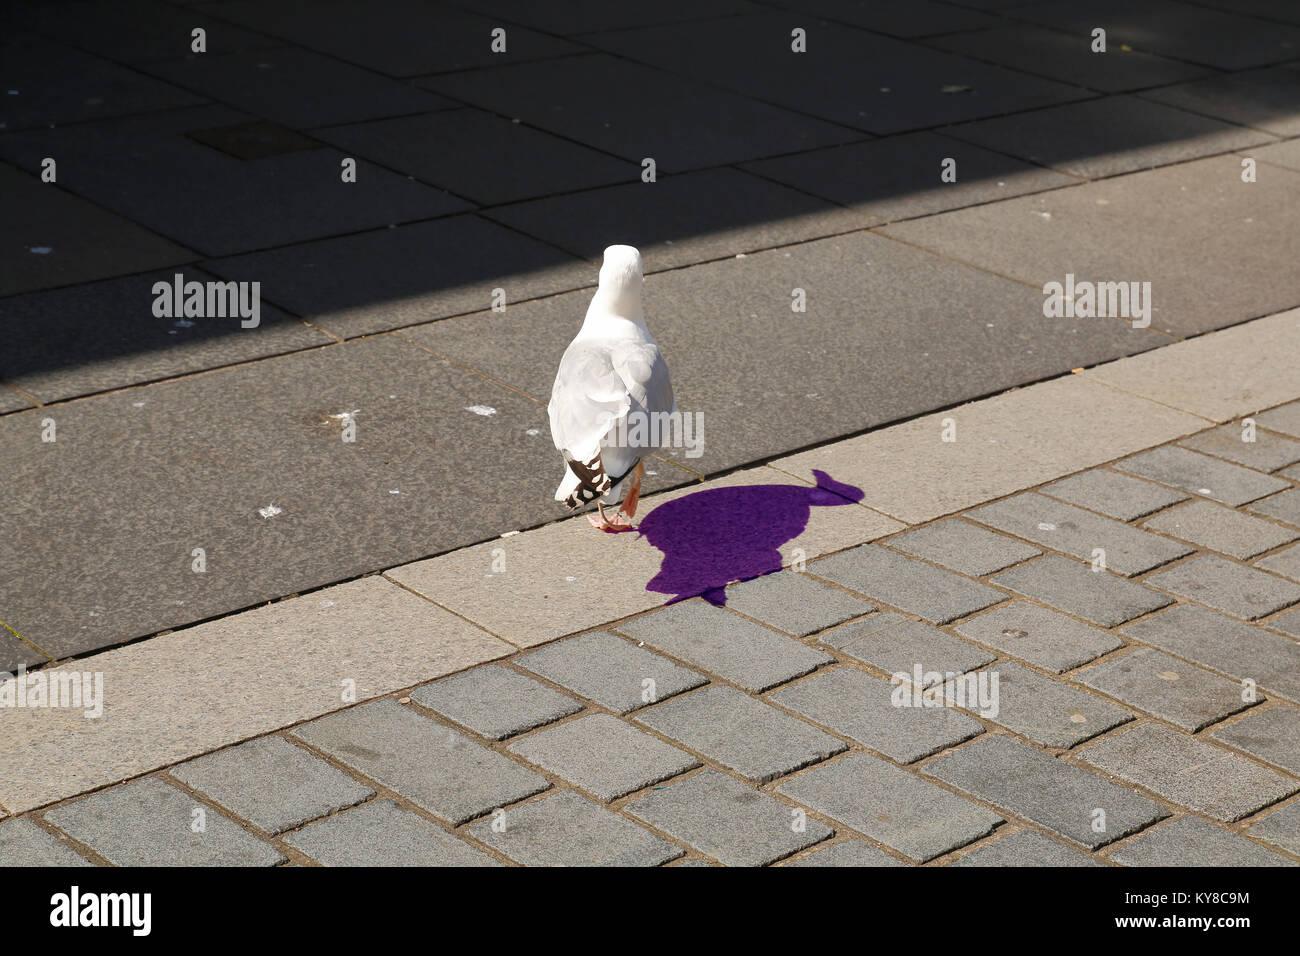 Möwe auf der Straße mit ultra violett farbenem Schatten auf dem Asphalt - Stock Image